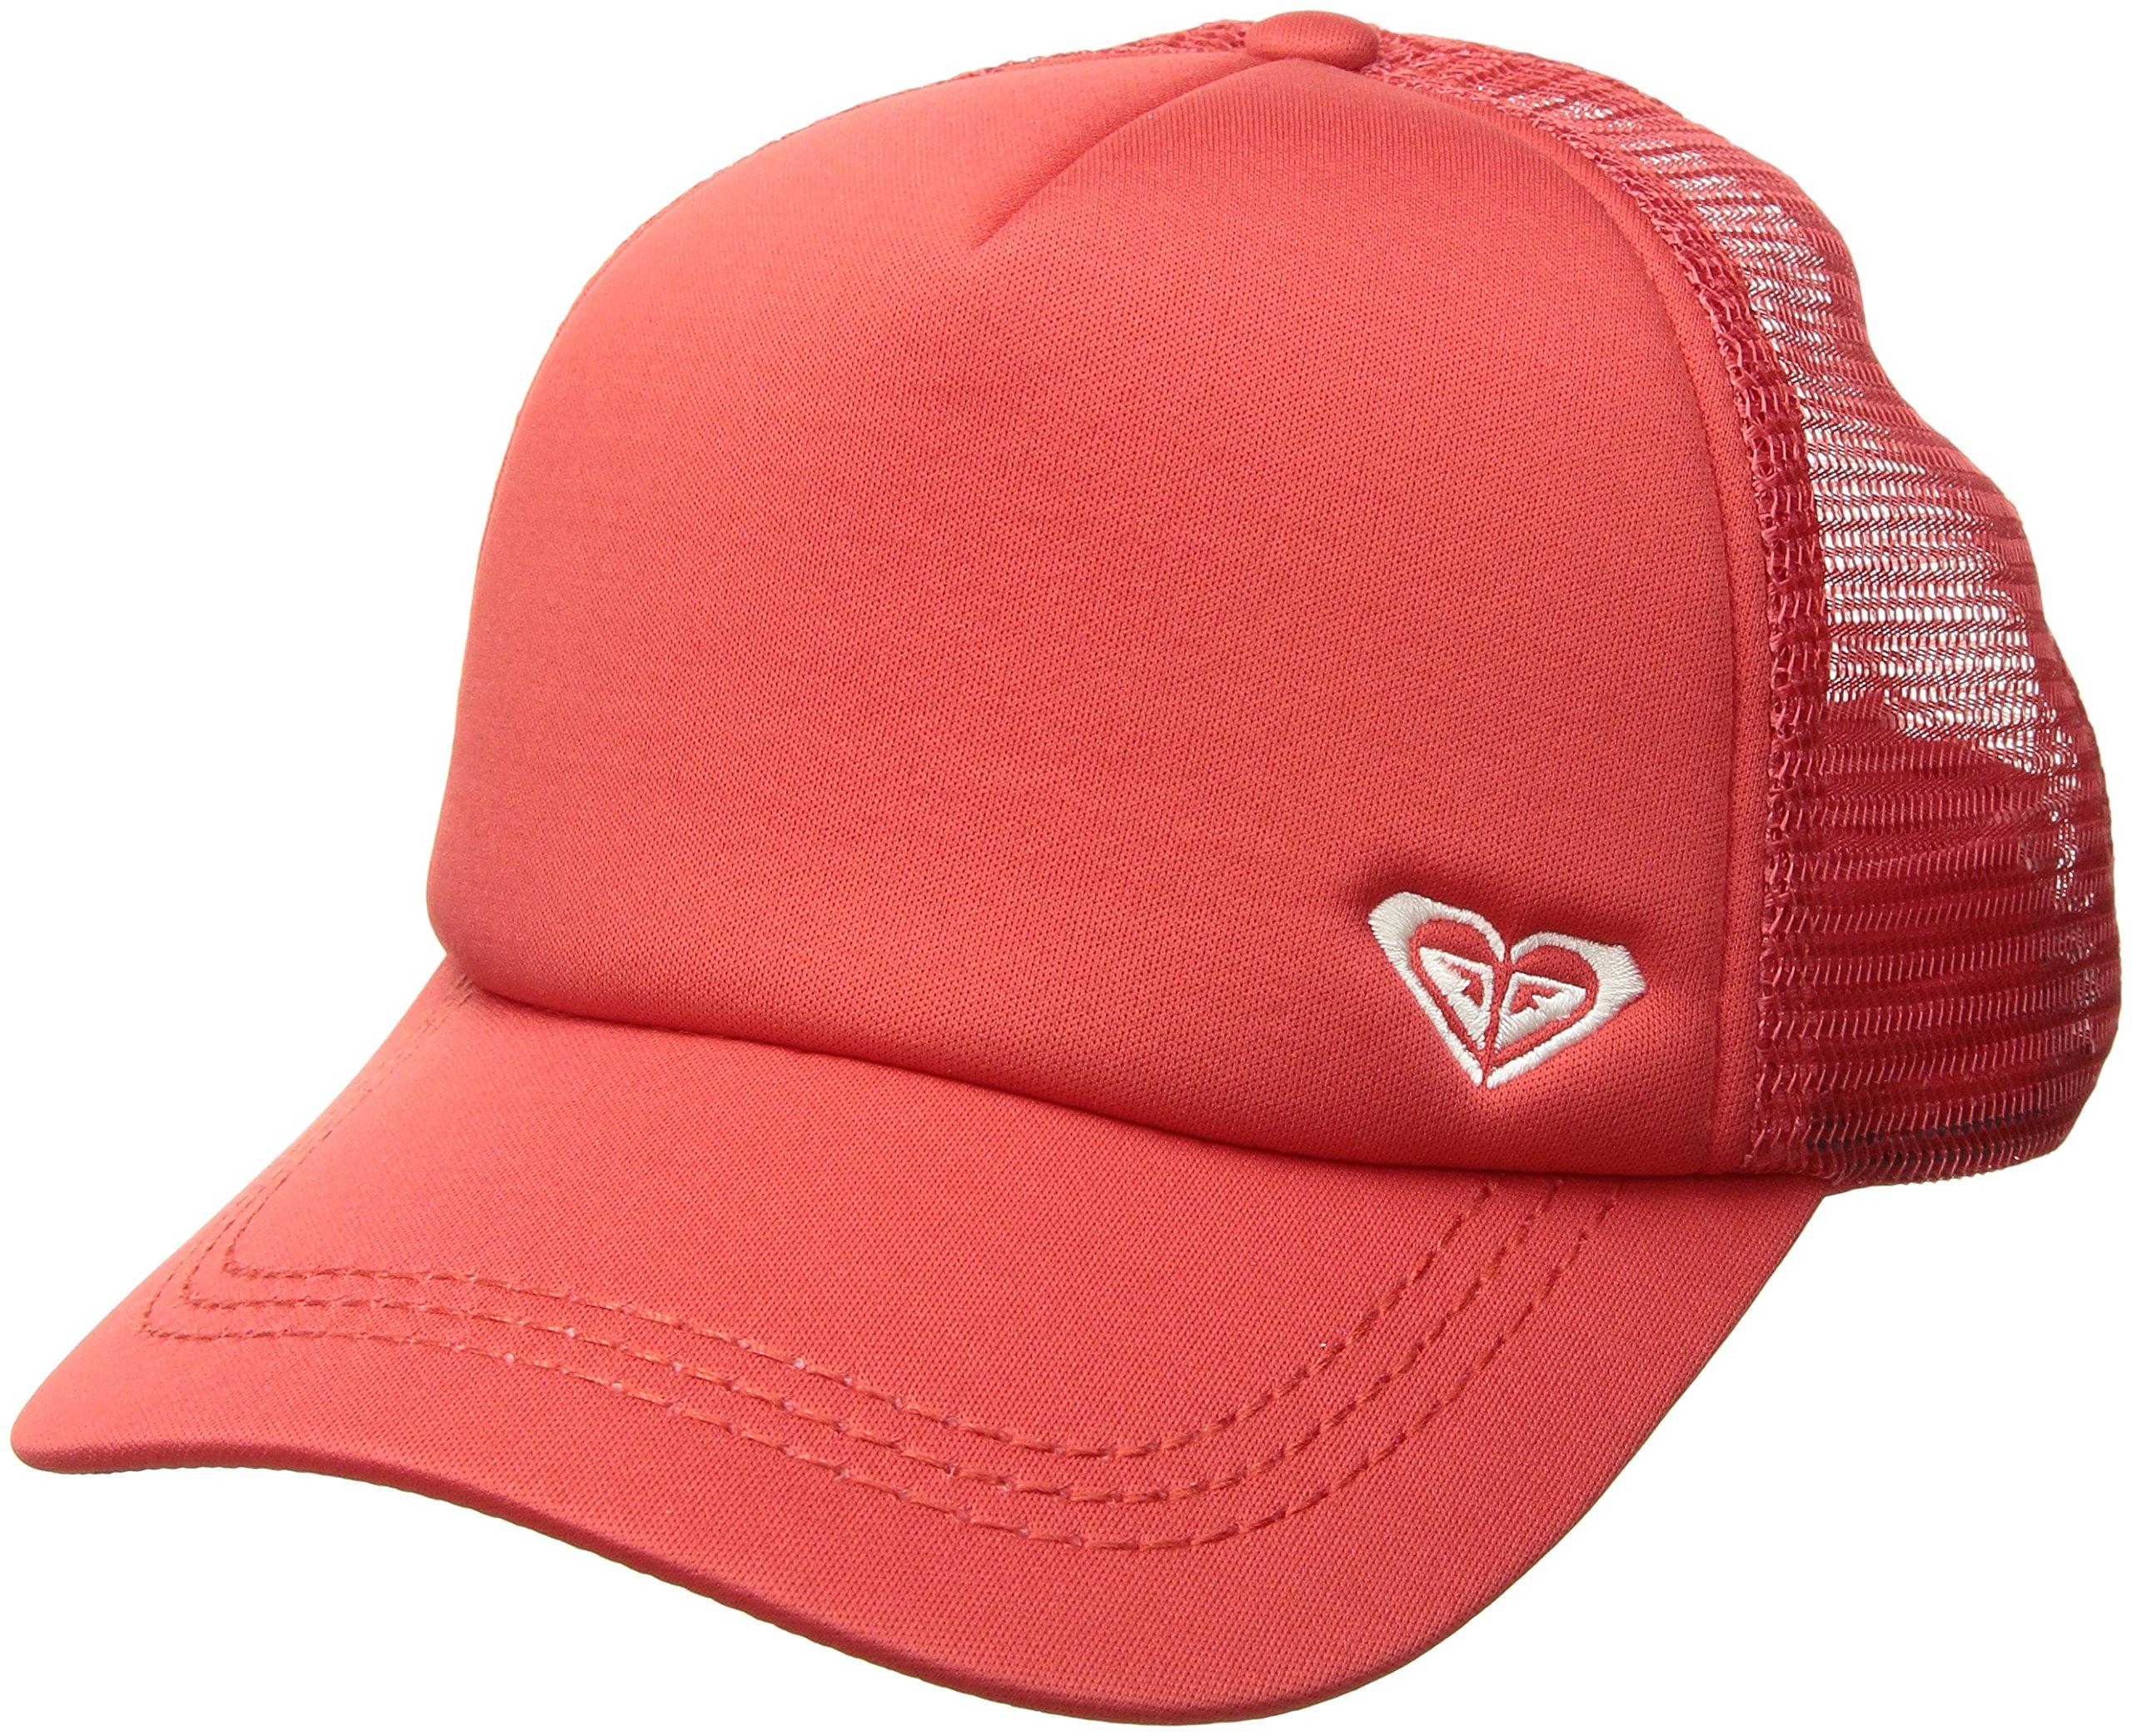 Roxy Women's Finishline Trucker Hat, Teaberry ERJHA03320, 1SZ